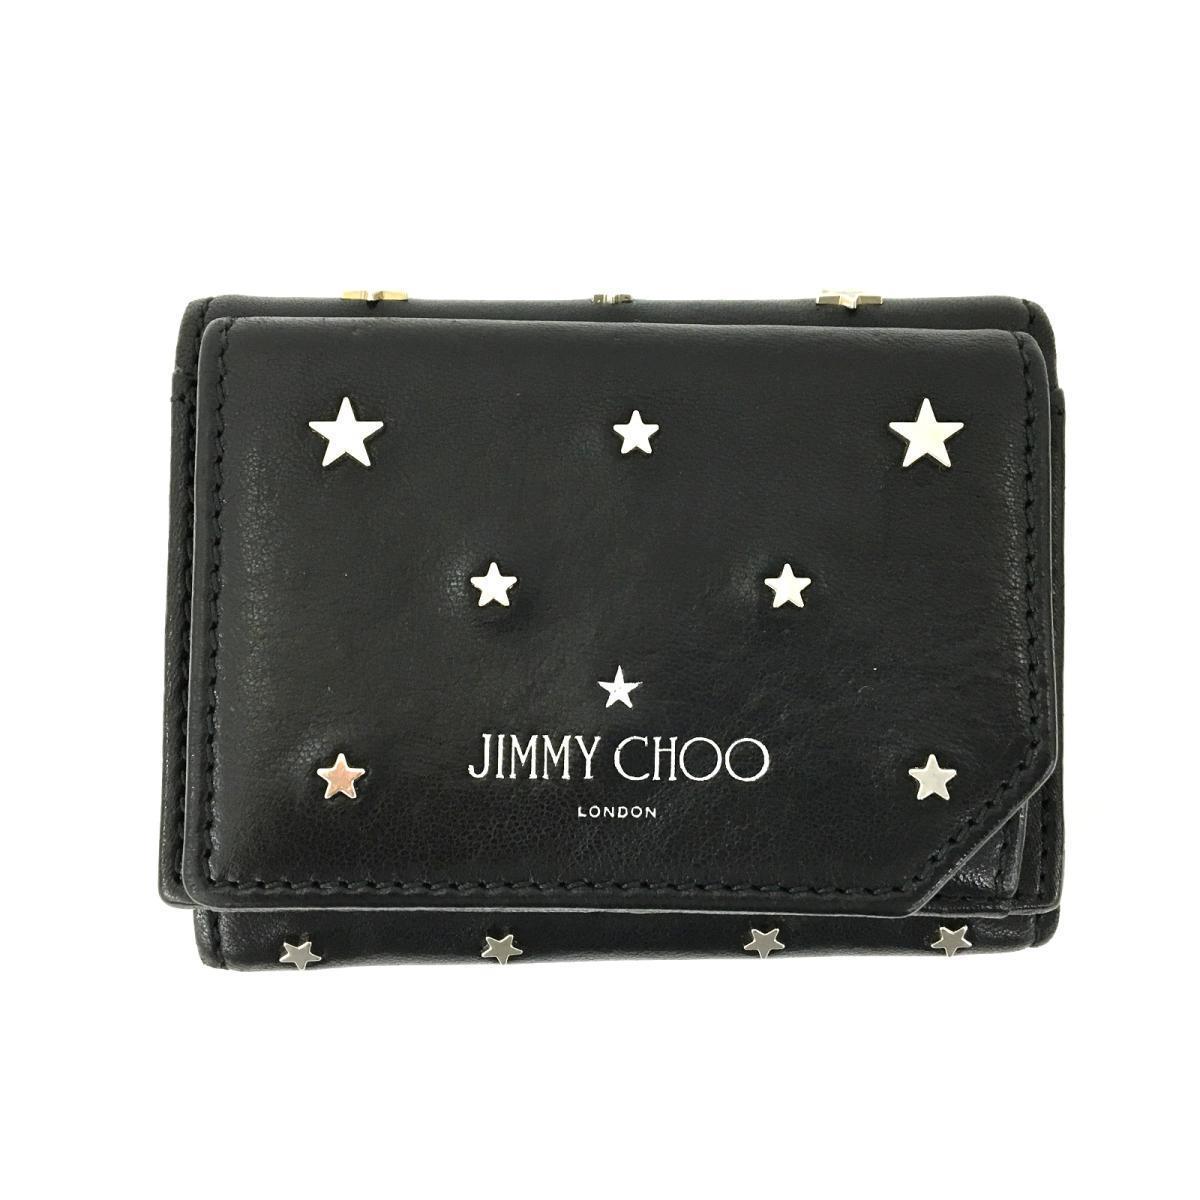 JIMMY CHOO Star Studs Wallet Tri-Fold Women's Men's Black Leather